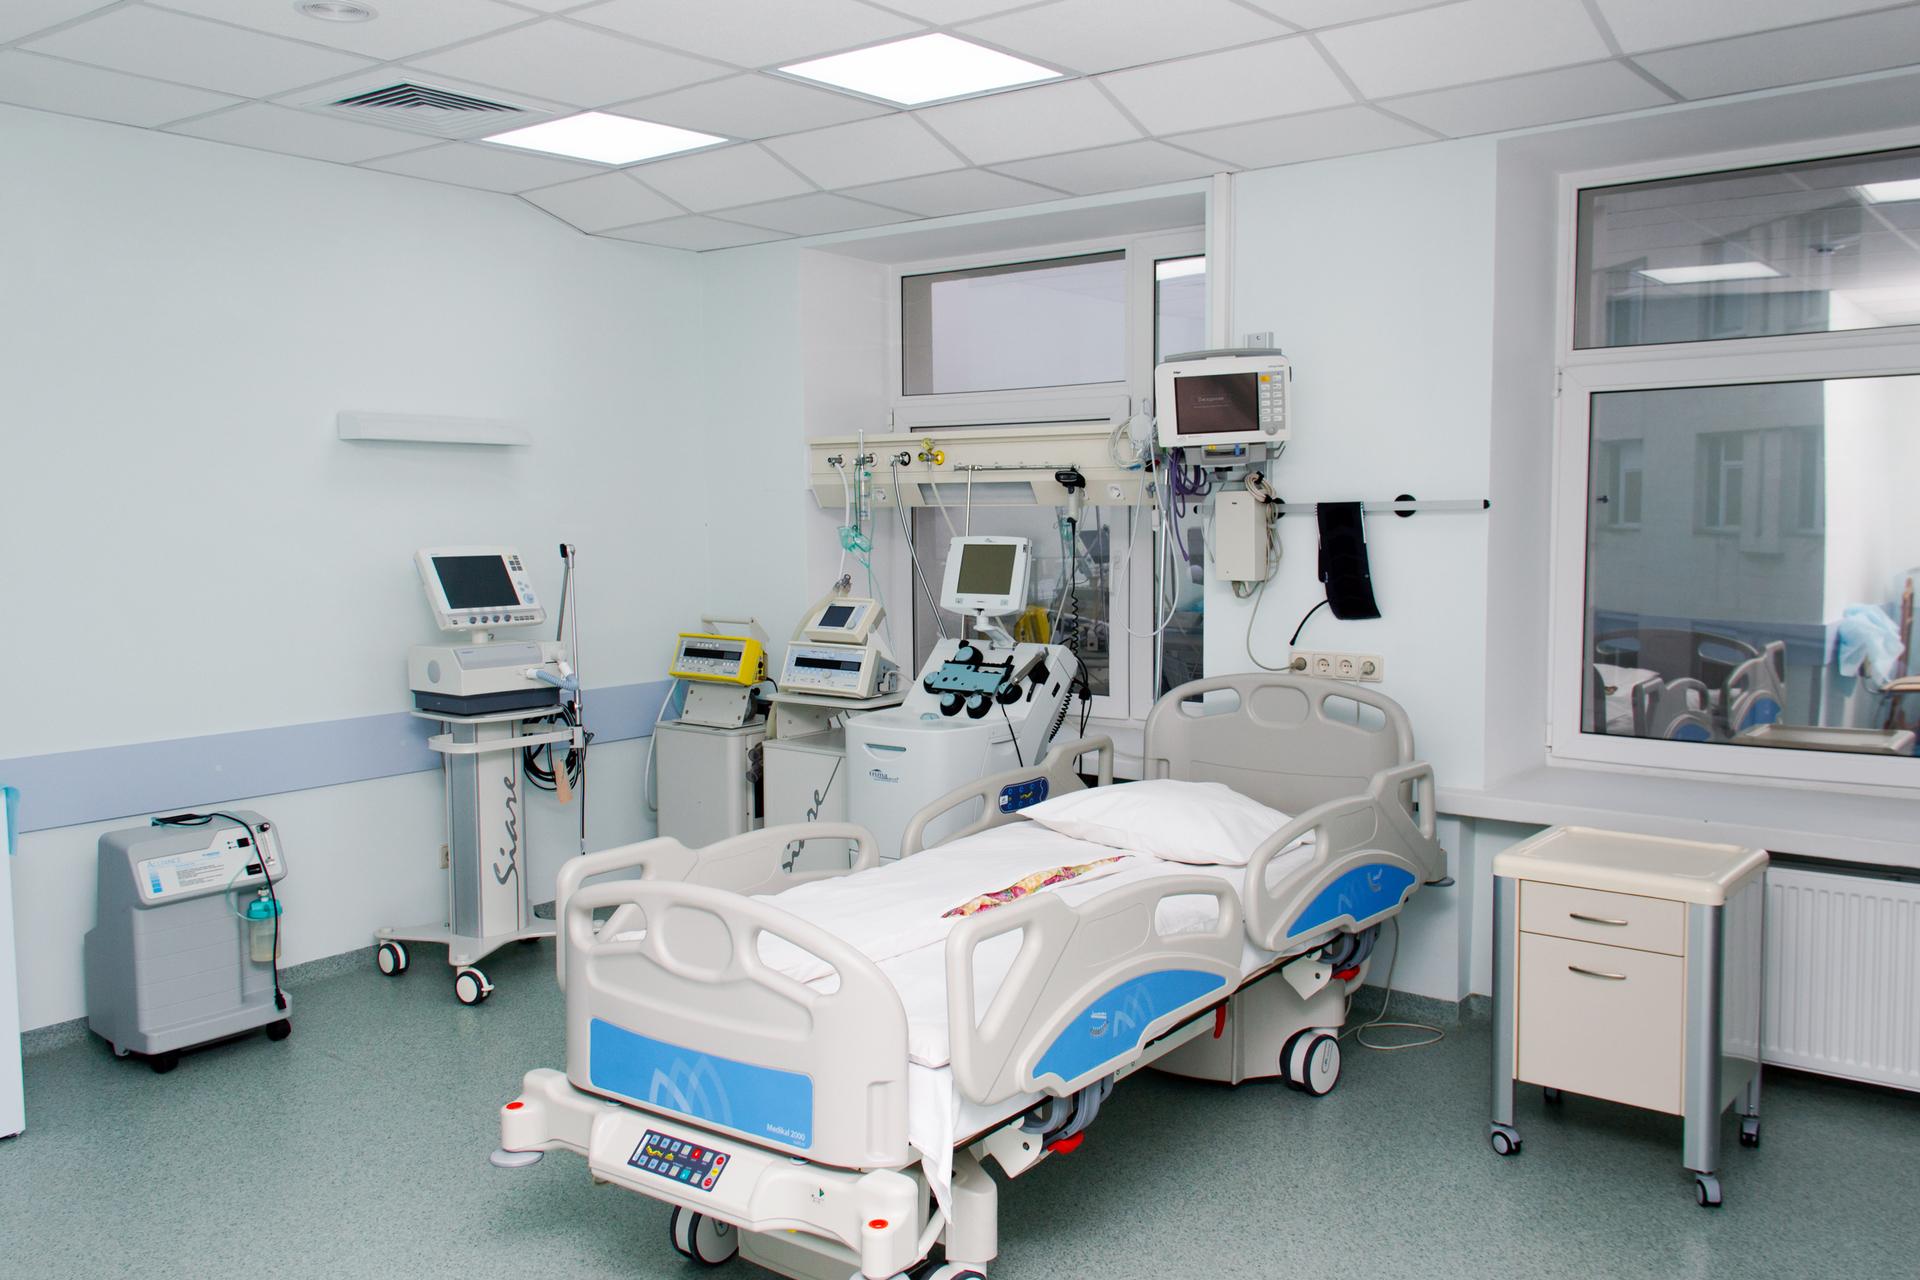 В Санкт-Петербурге пациент реанимации ранил ножом двух больных в тяжёлом состоянии